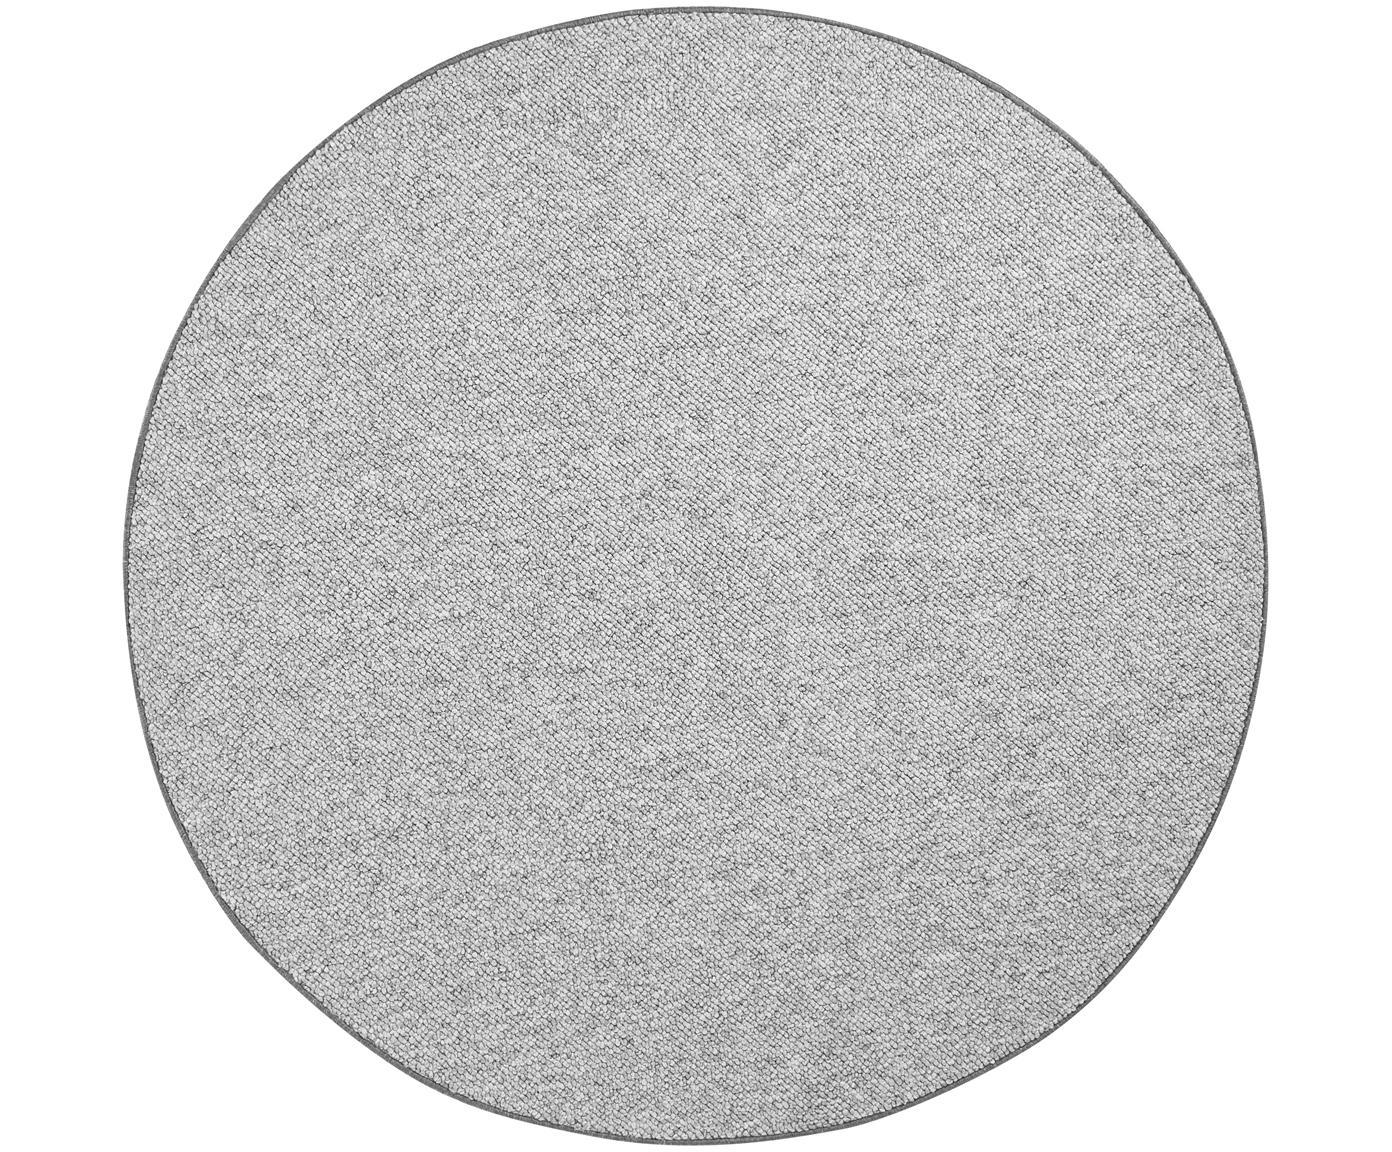 Runder Teppich Lyon mit Schlingen-Flor, Flor: 100% Polypropylen Rücken, Grau, melangiert, Ø 133 cm (Grösse M)